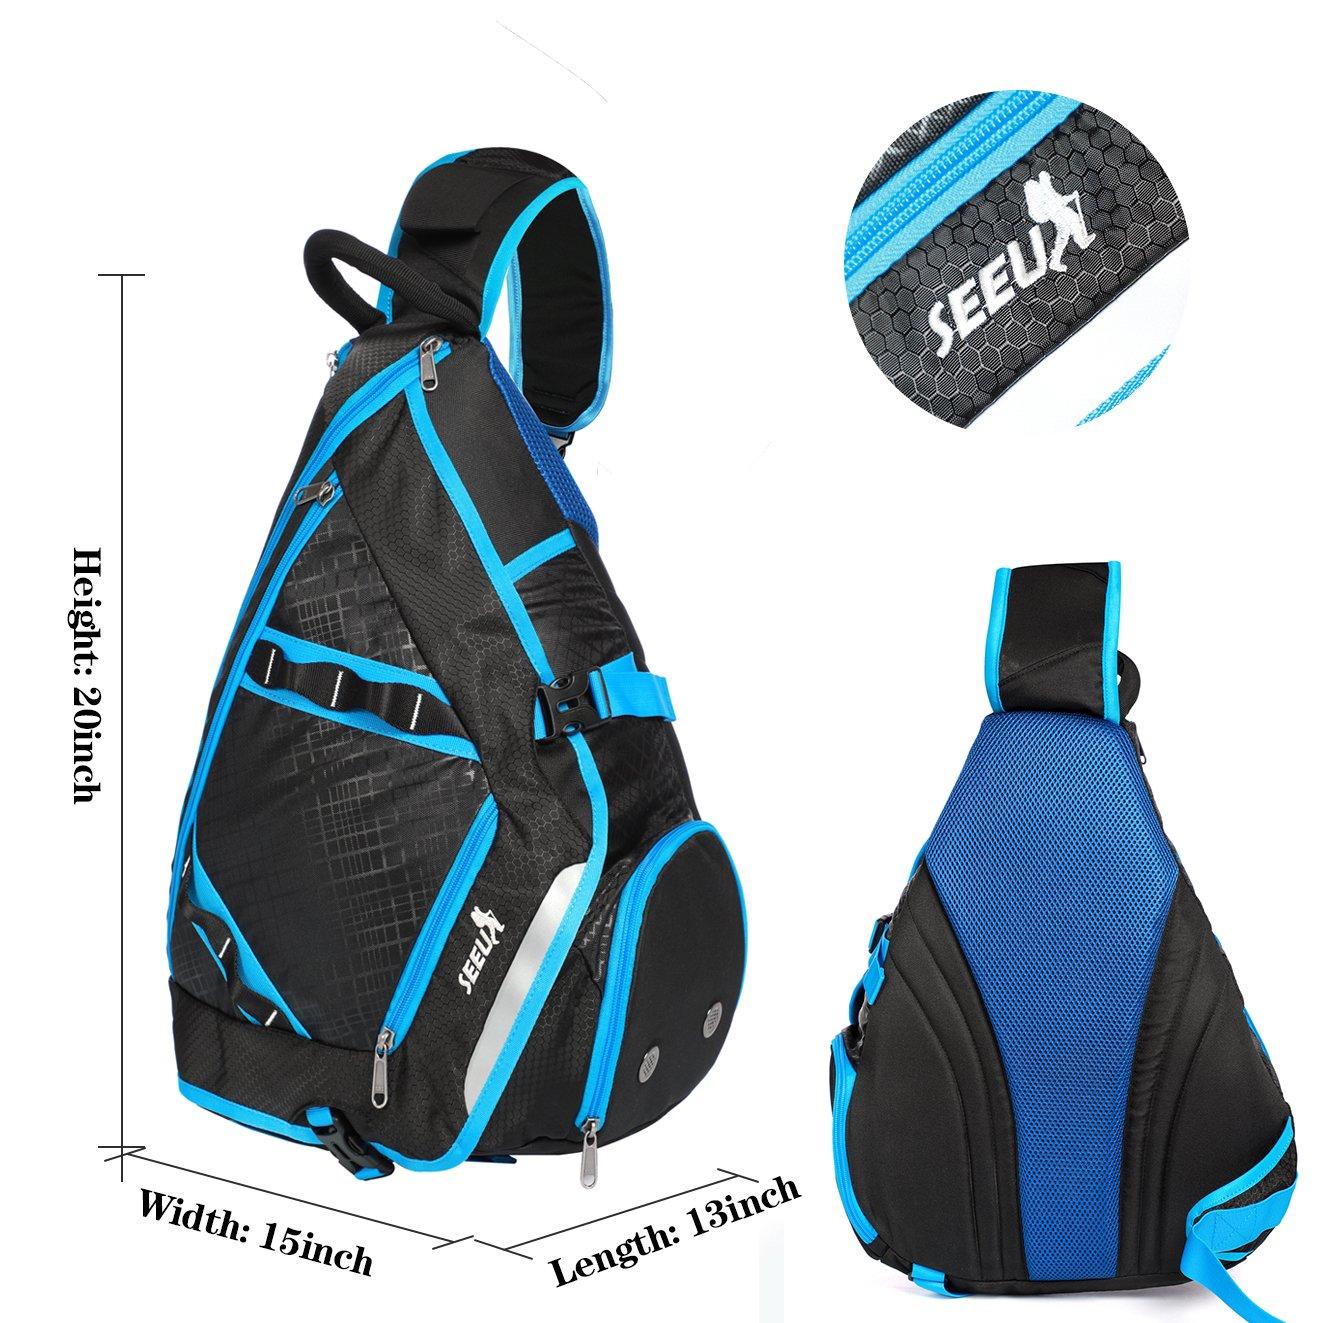 32L Oversized Sling Bag Backpack with Shoe Pocket SEEU Lightweight Gym Backpack